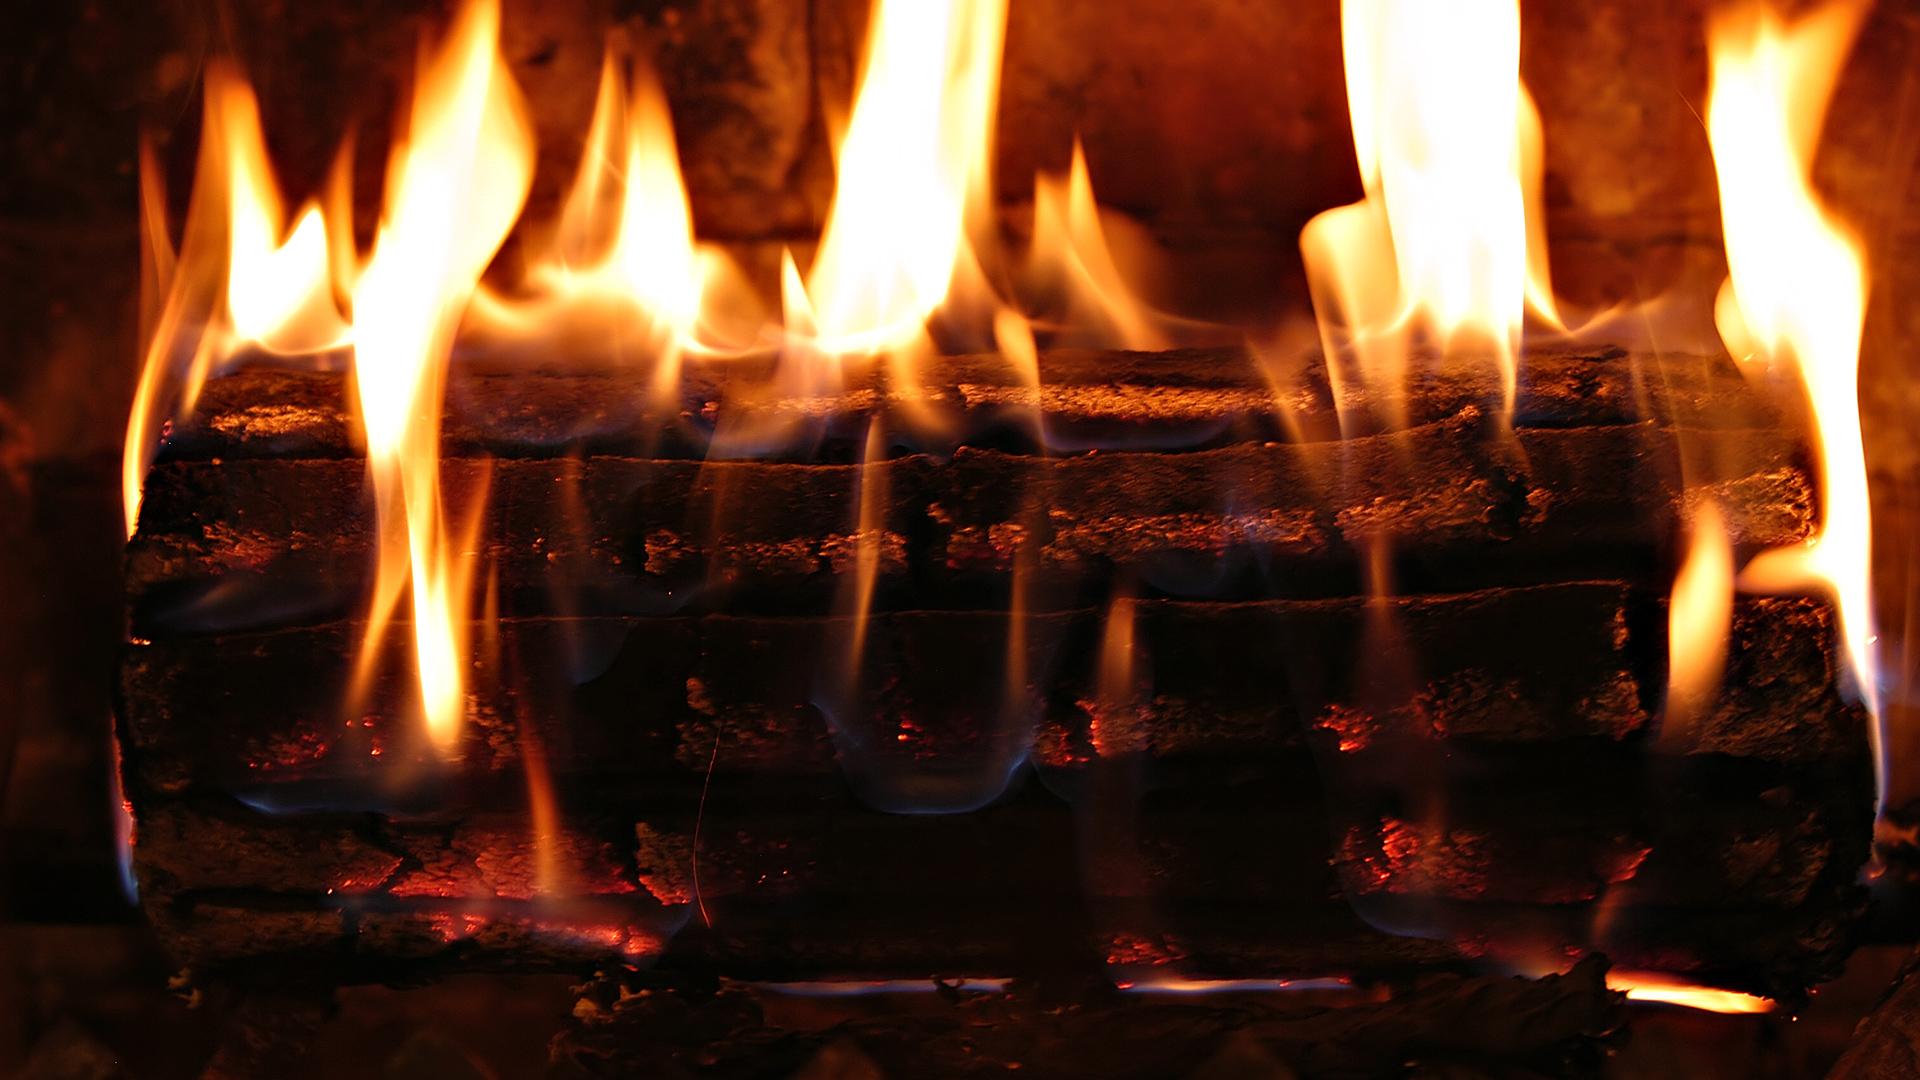 fond d'ecran anime feu de cheminee